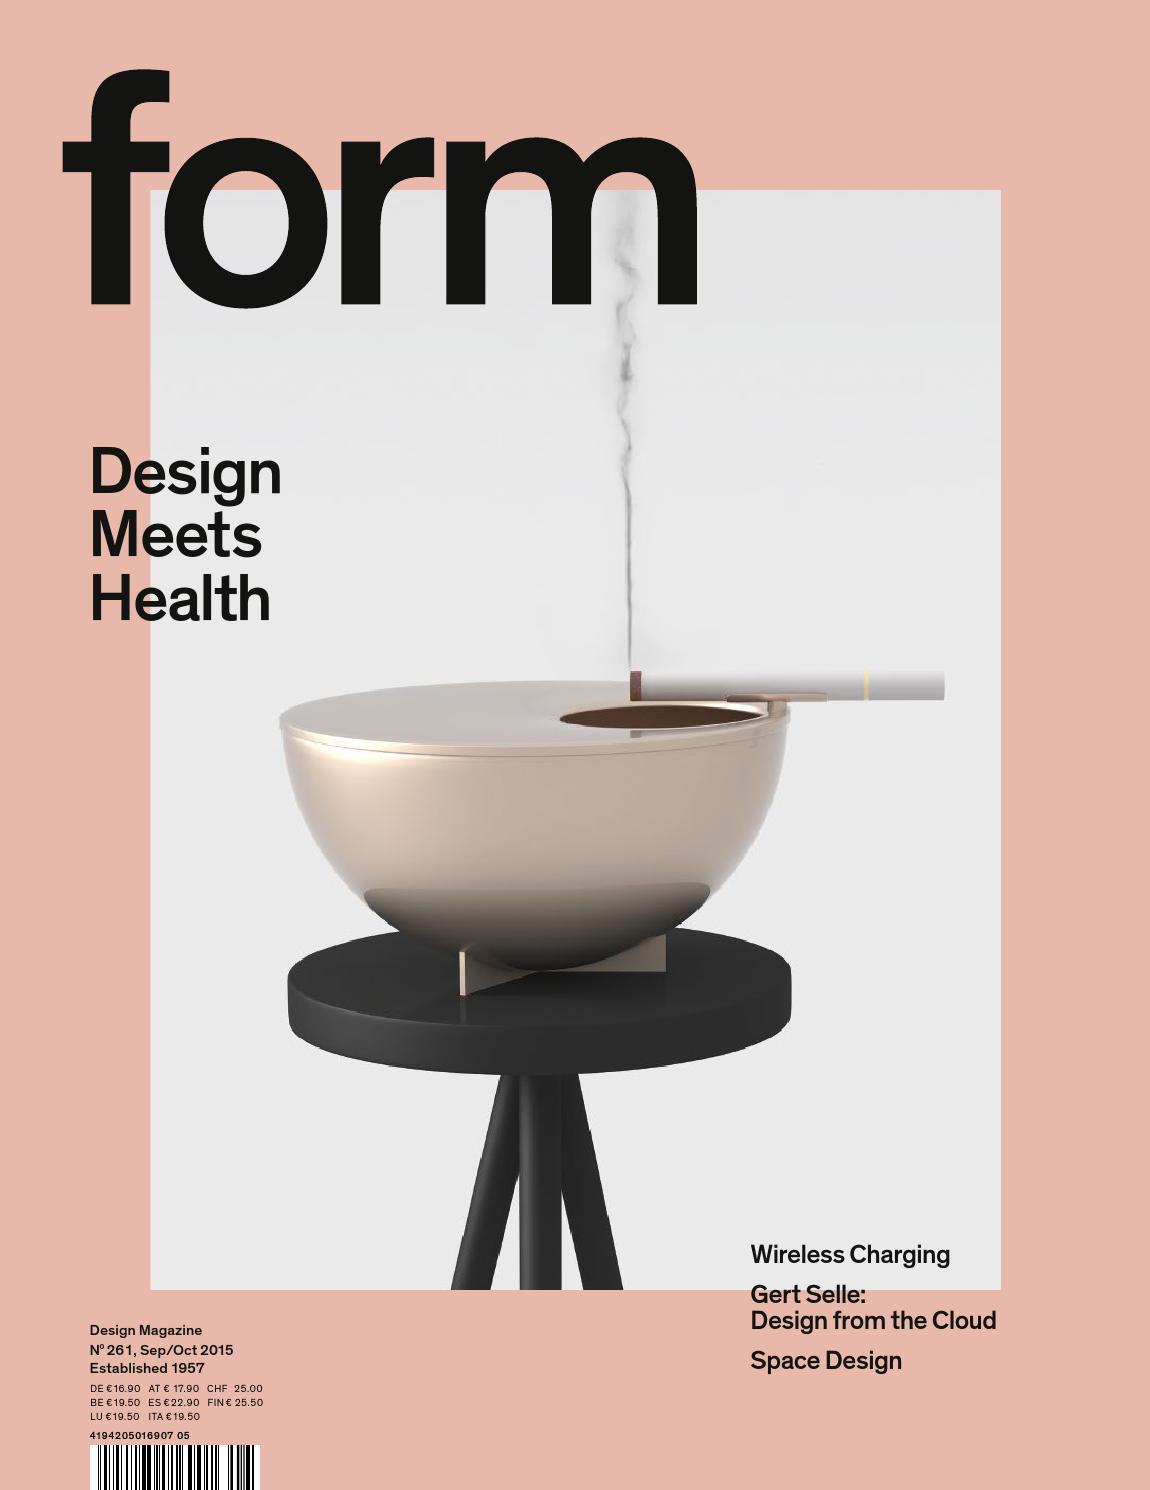 form design zeitschrift form 2. Design Meets Health by Verlag form GmbH & Co. KG - issuu